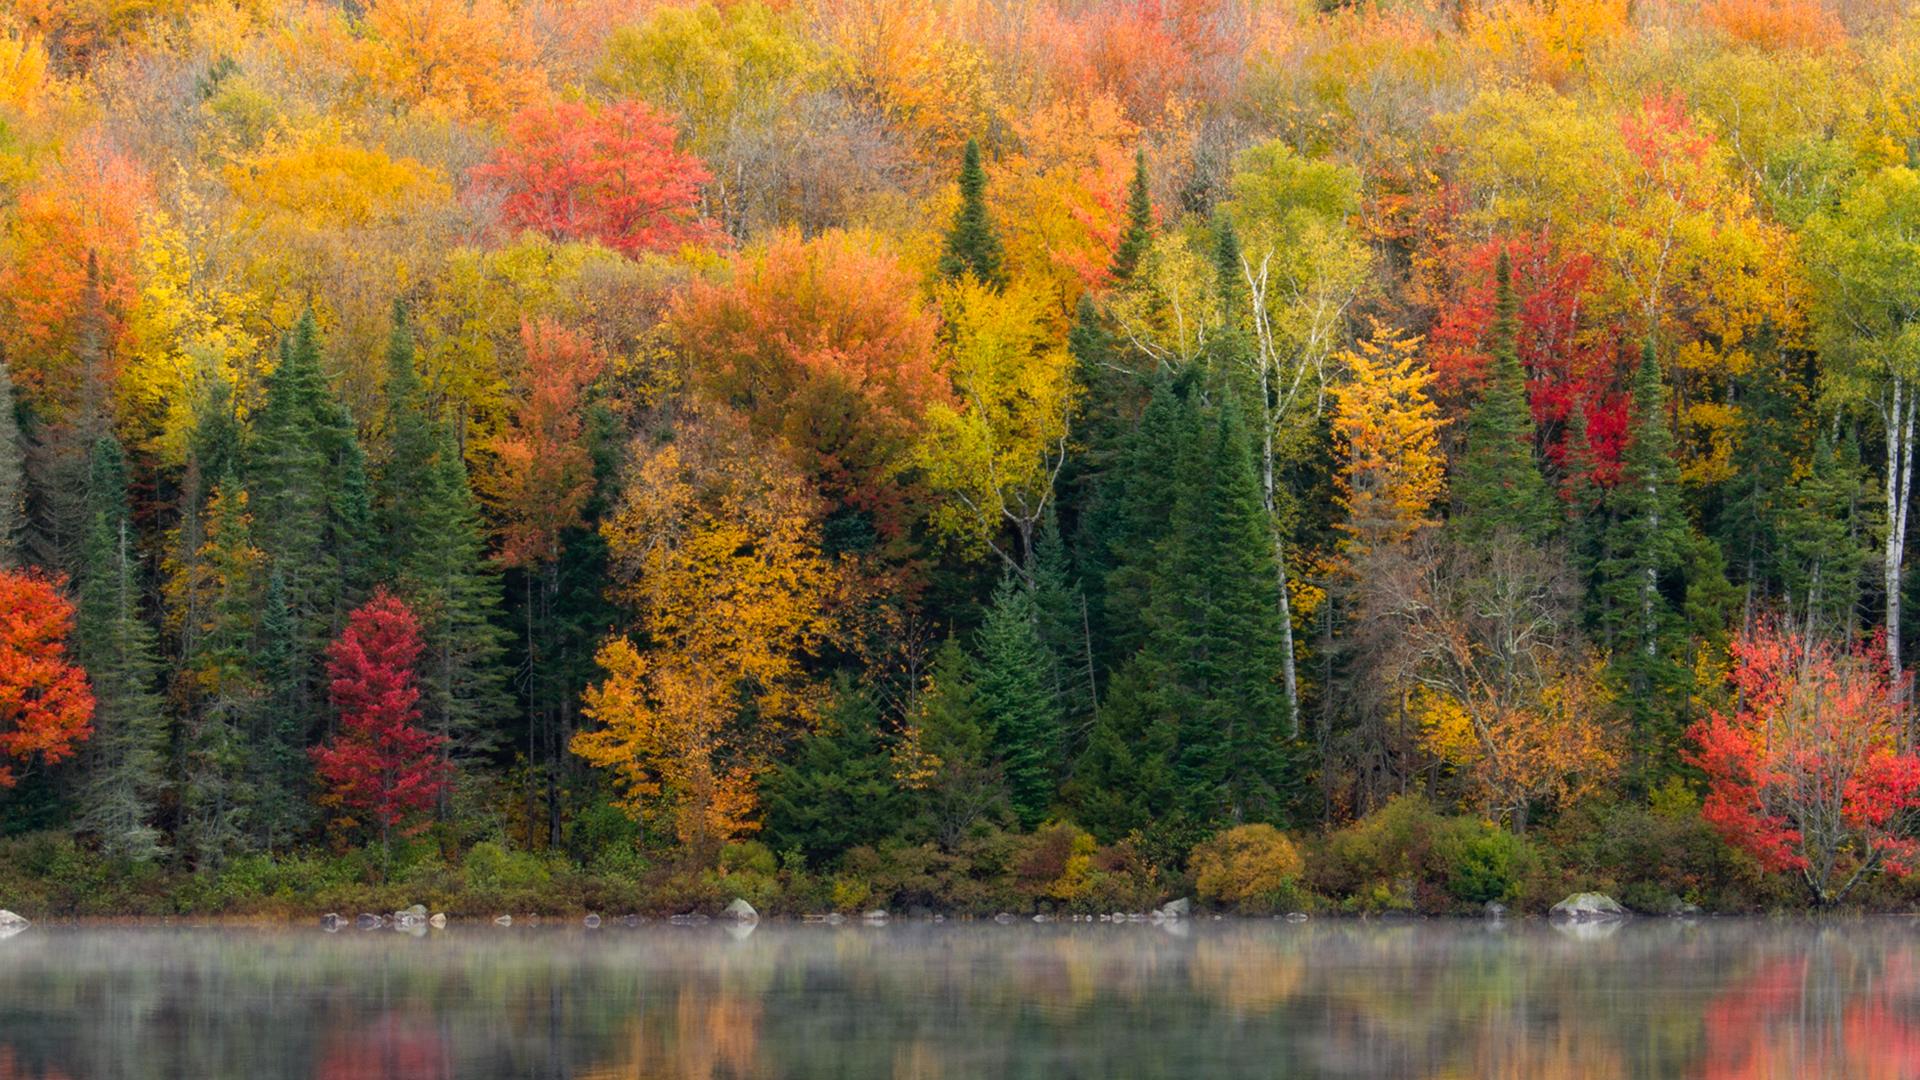 Landscape Photography Autumn